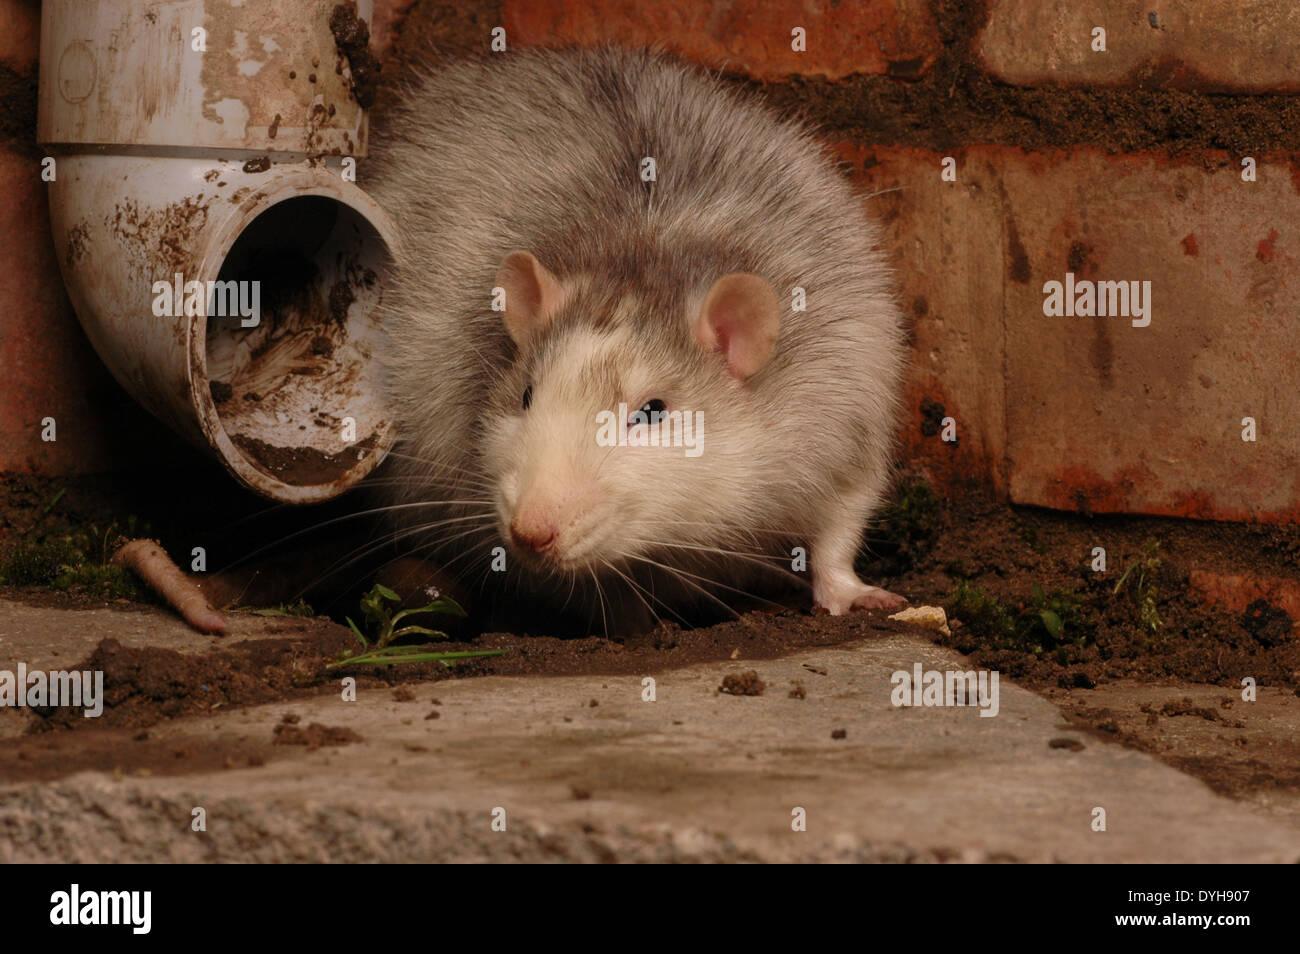 Haustier Ratte Neben Einem Abflussrohr Die Ausgefallene Ratte Ist